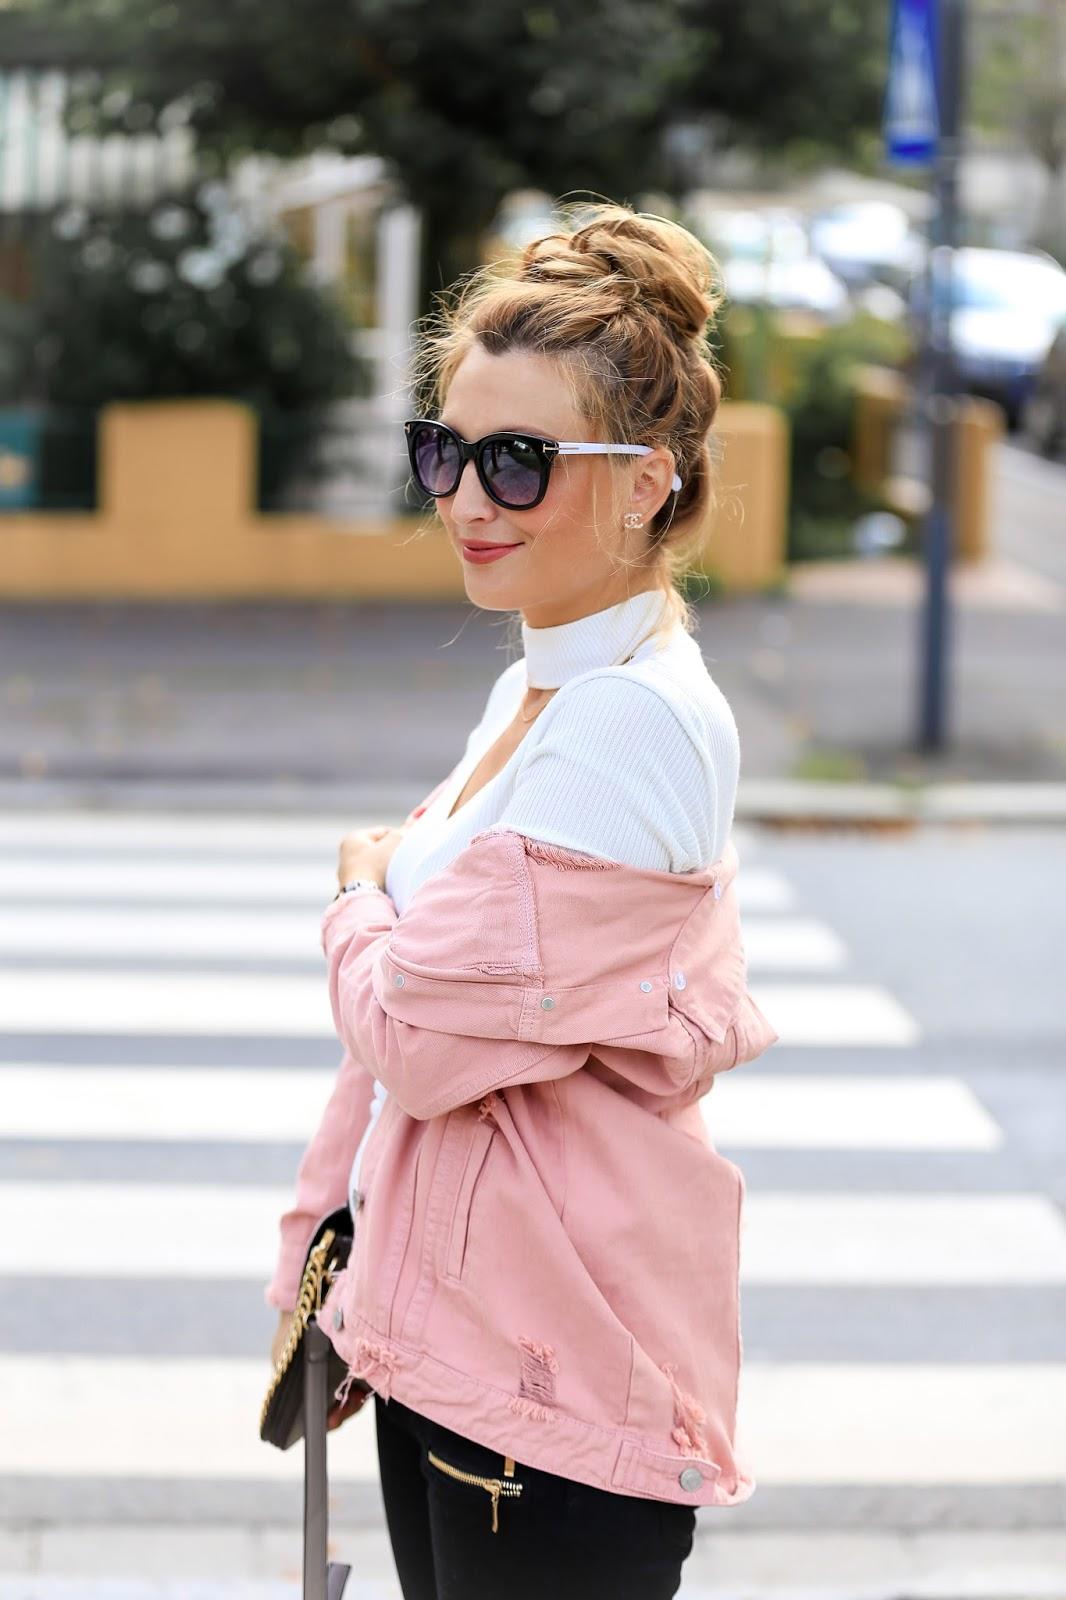 Fashionstylebyjohanna-Winterstyle-Frühlingslook-Fashionblogger-aus-frankfurt-bloggerstyle-weißer-pullover-Jadior-pumps-pumps-von-christian-dior